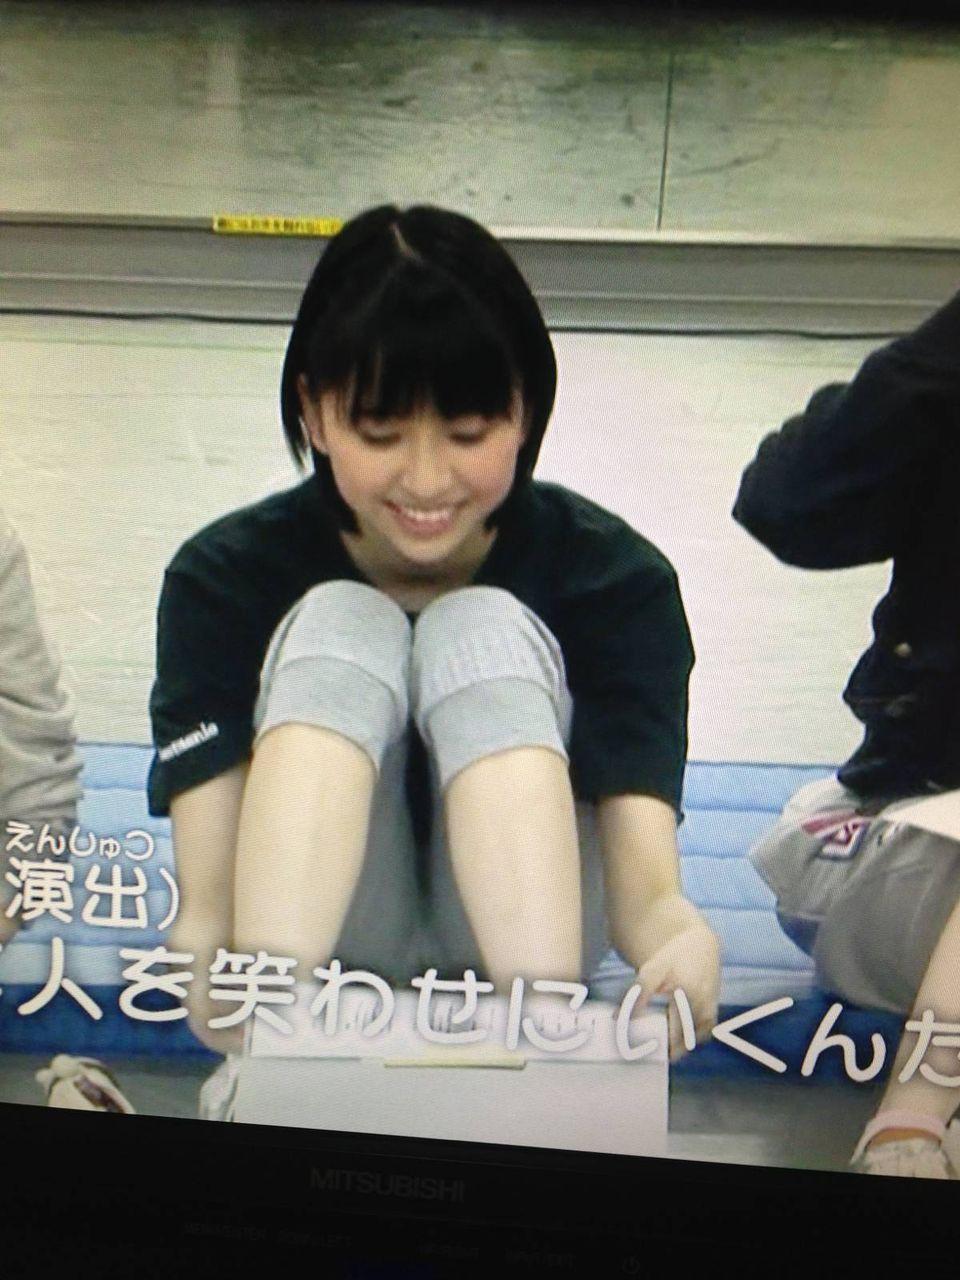 http://livedoor.blogimg.jp/omaeranews-idol/imgs/e/2/e26c33e0.jpg